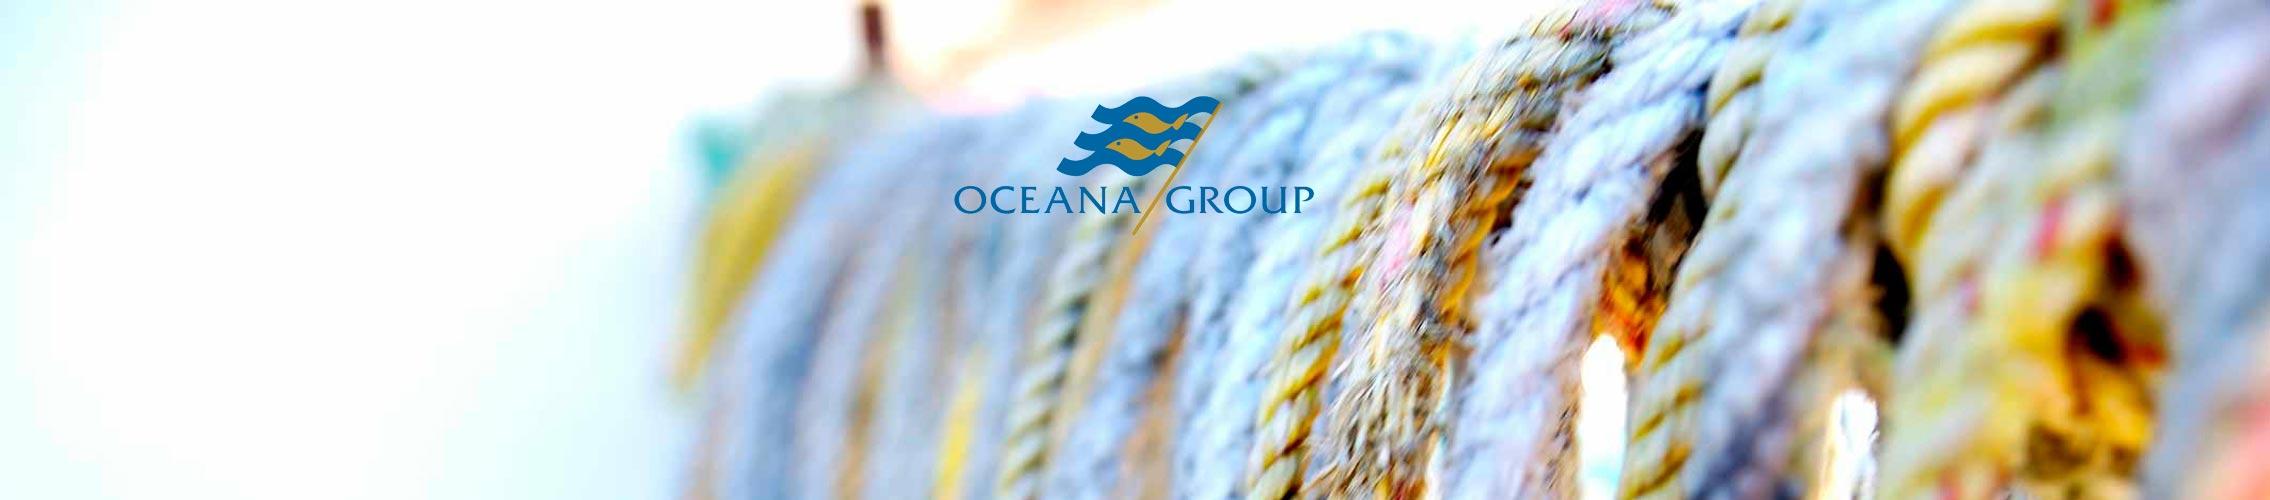 Oceana banner 4